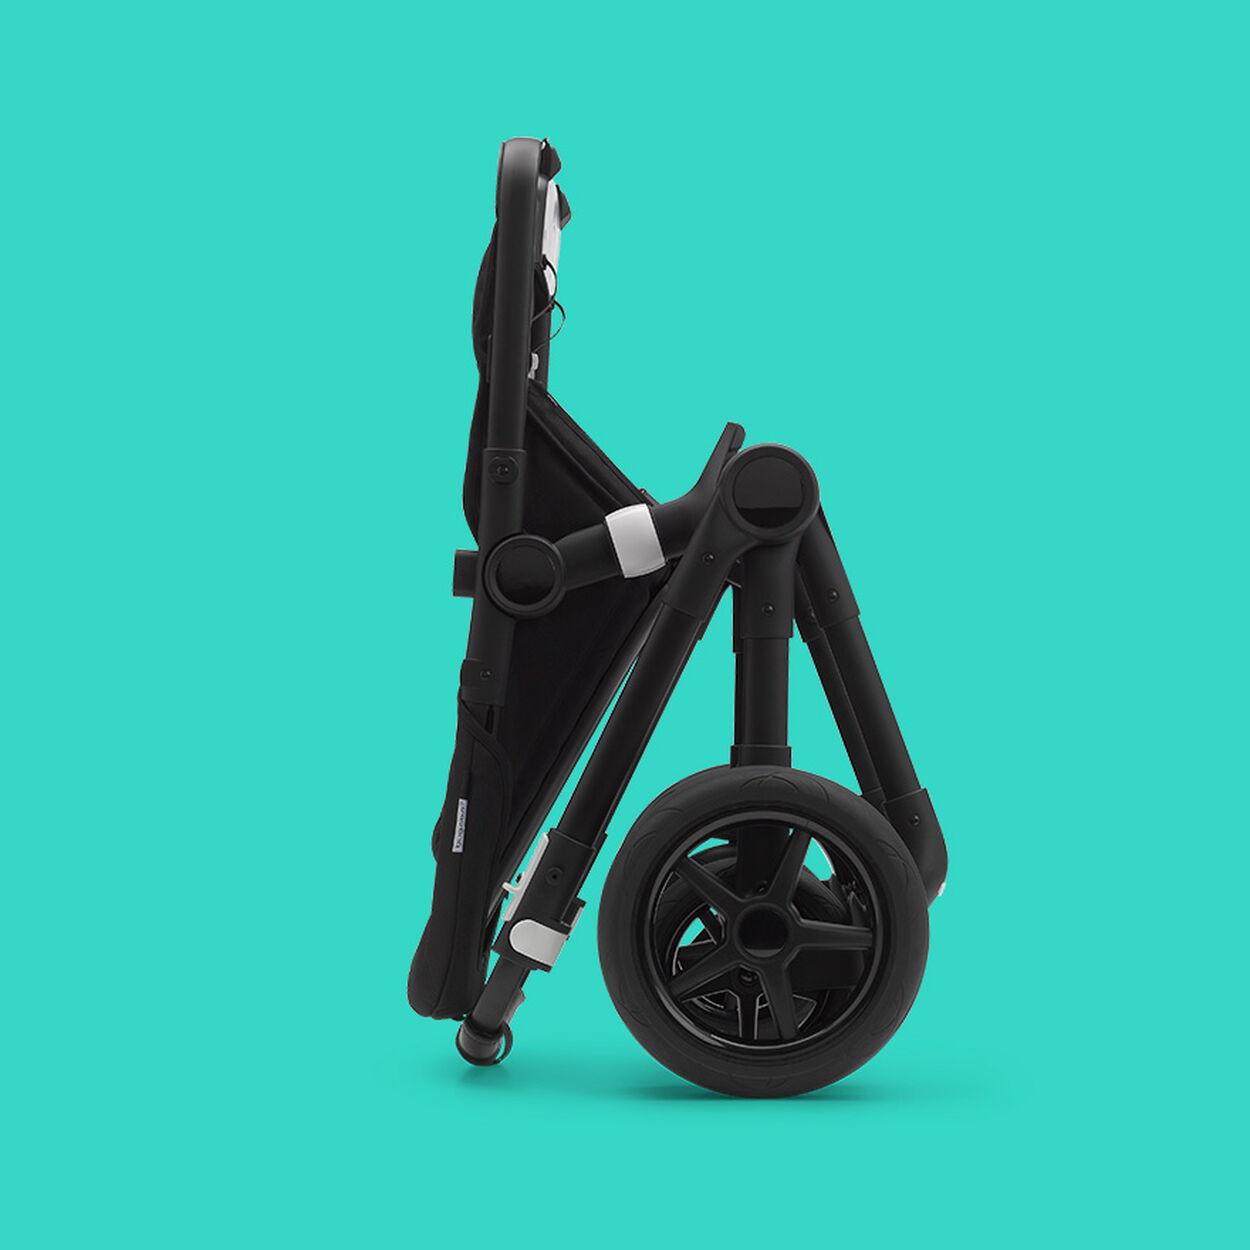 Fox 2 stroller folded up